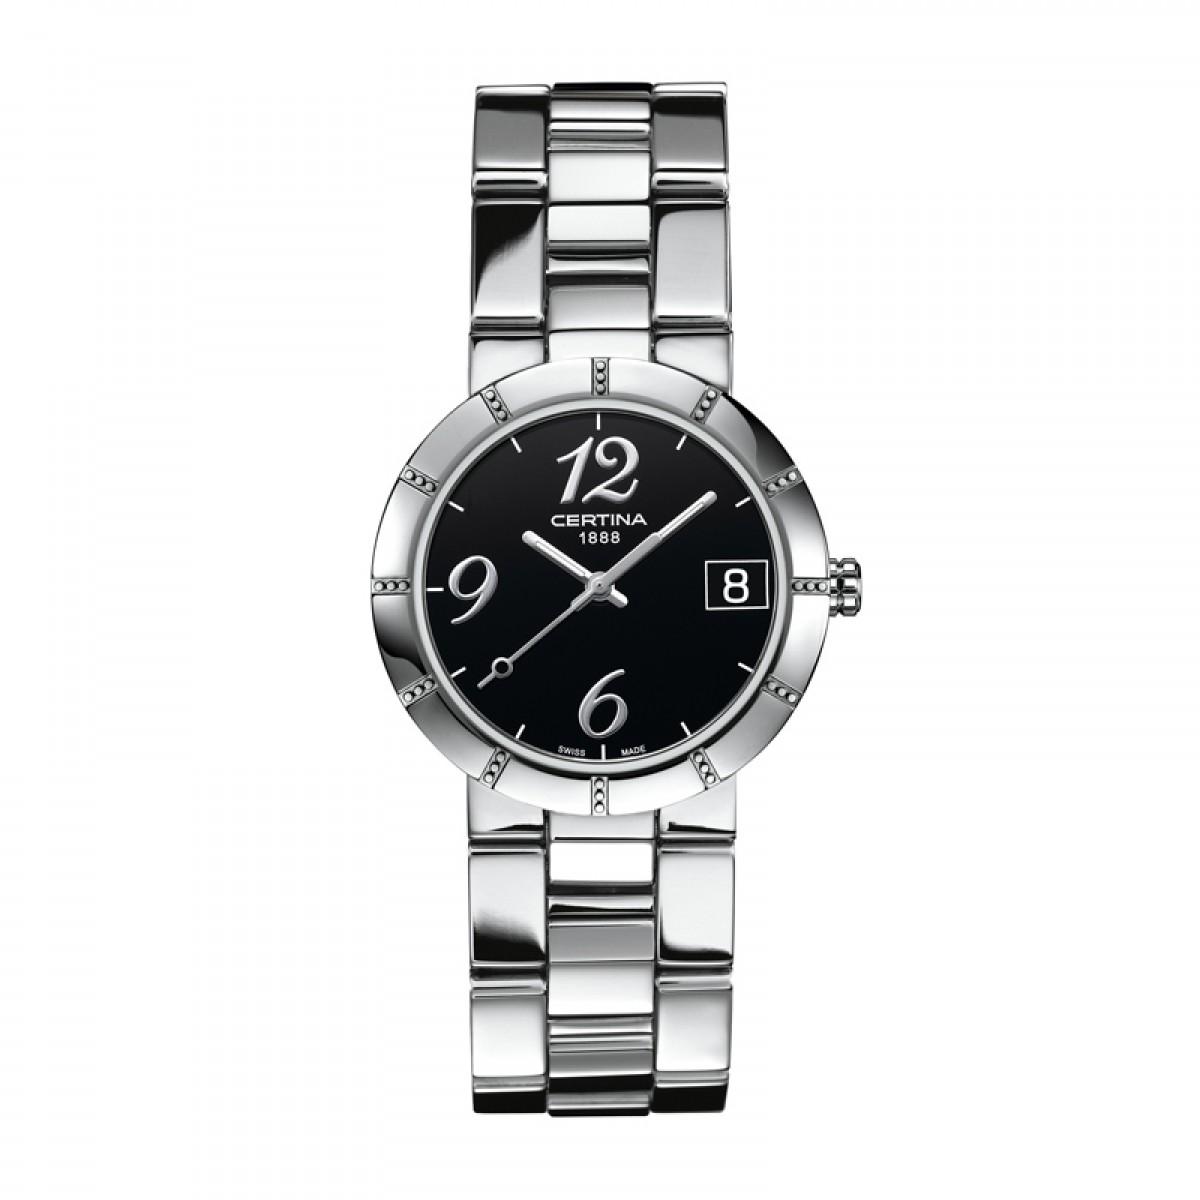 Часовник Certina C009.210.11.052.00